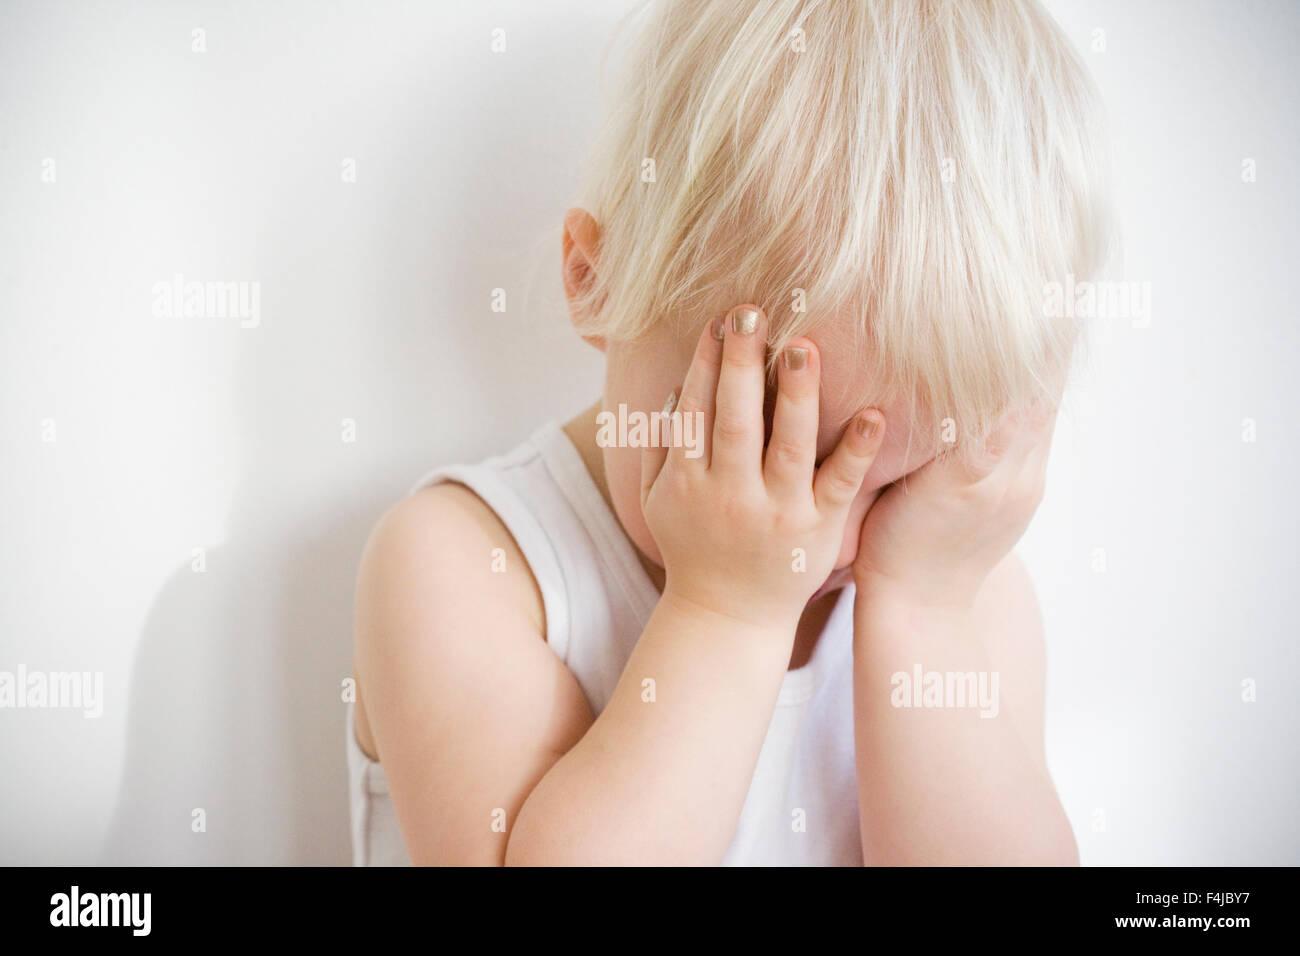 Ein blondes Kind gegen weiß, Schweden. Stockbild